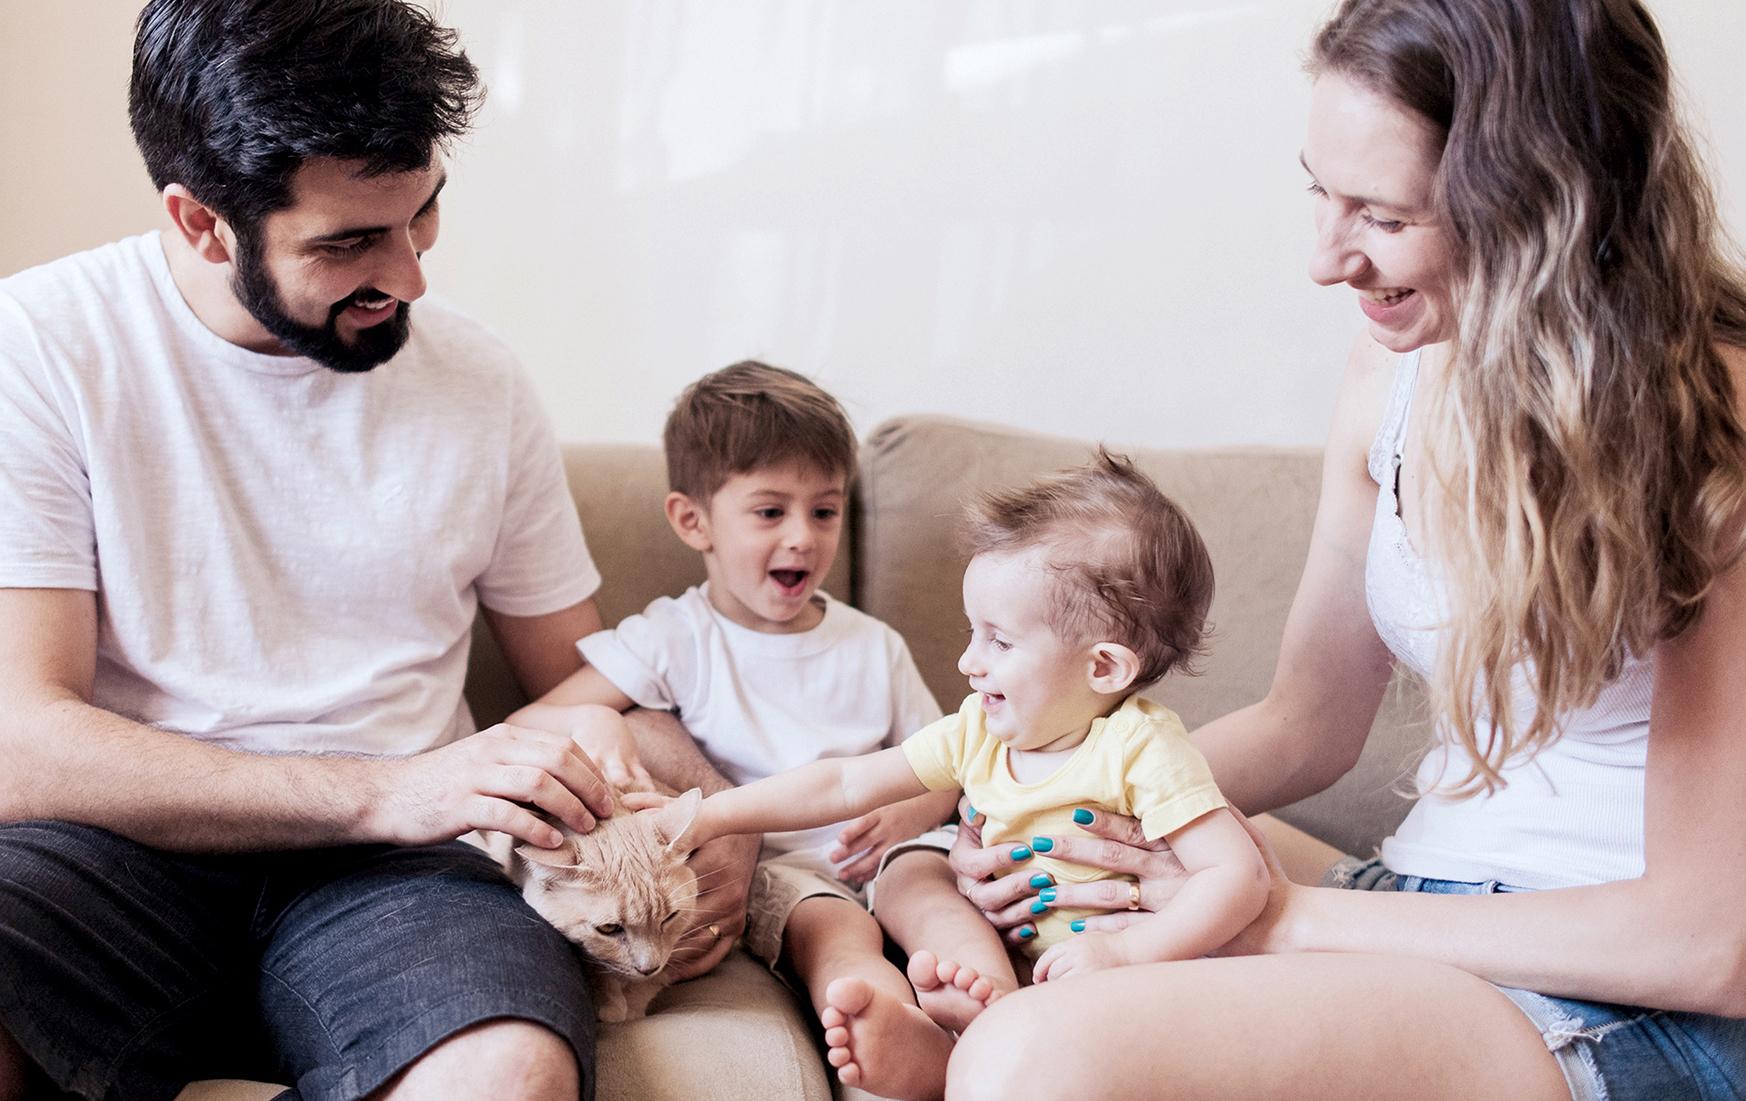 """Sobre """"Fotógrafo de Casamentos, aniversários, partos  e famílias - Gustavo e Rejane Mazzei - Ribeirão Preto - São Paulo - interior""""."""